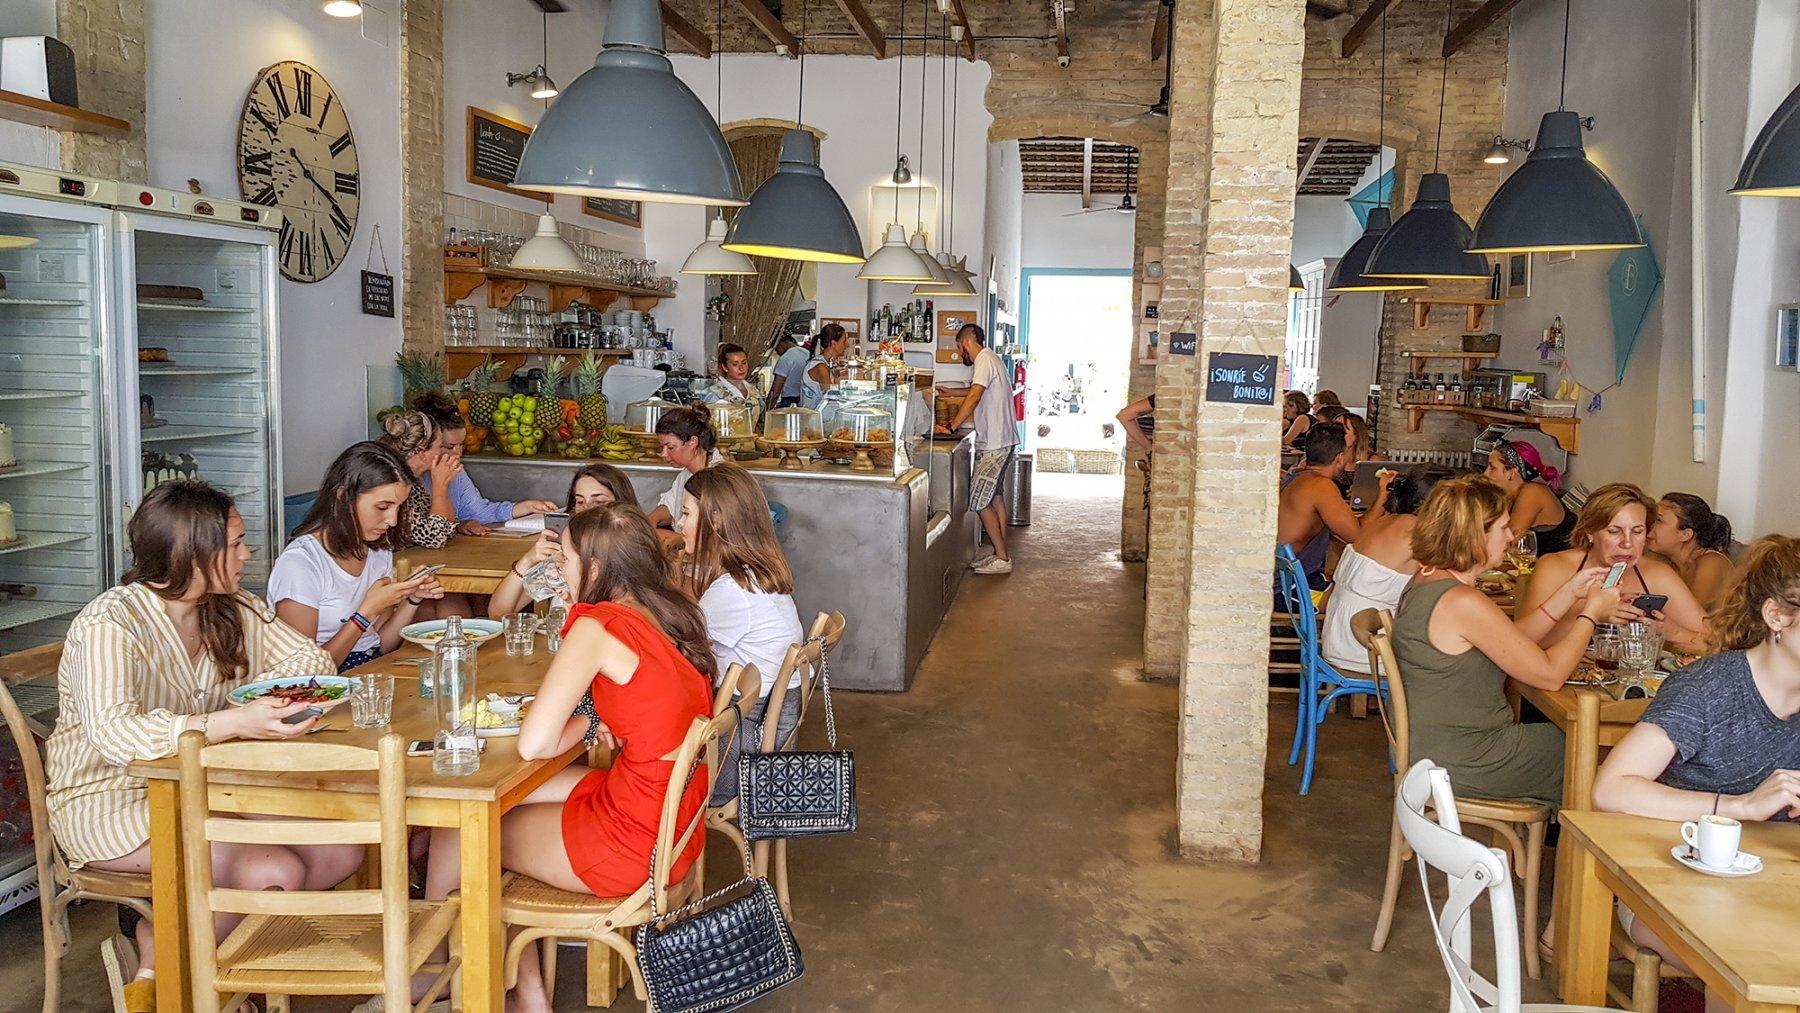 Ontdek de leukste cafés en restaurants van Valencia